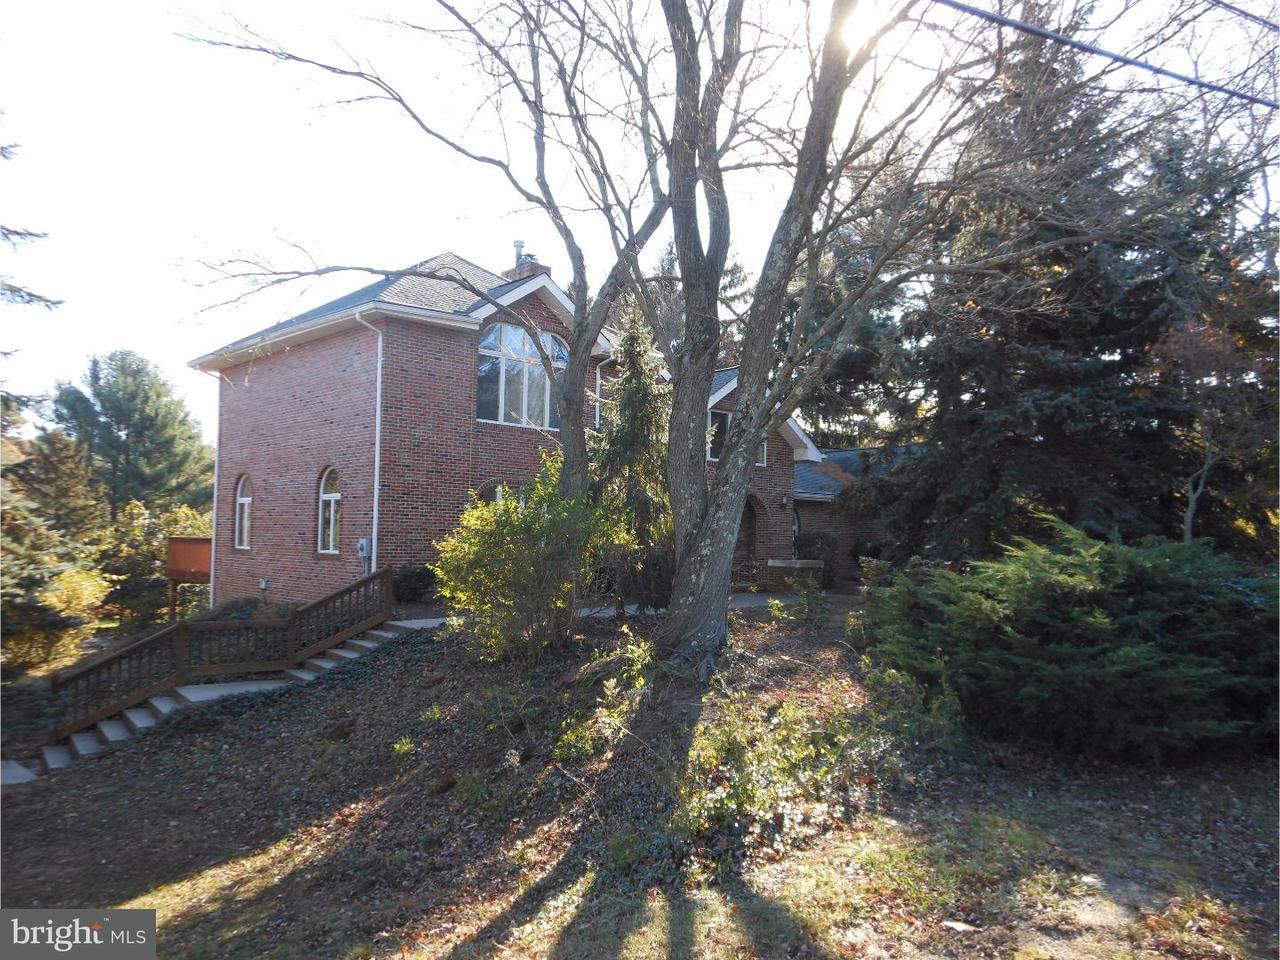 단독 가정 주택 용 매매 에 173 OLD BEEKMAN Road Monmouth Junction, 뉴저지 08852 미국에서/약: South Brunswick Township